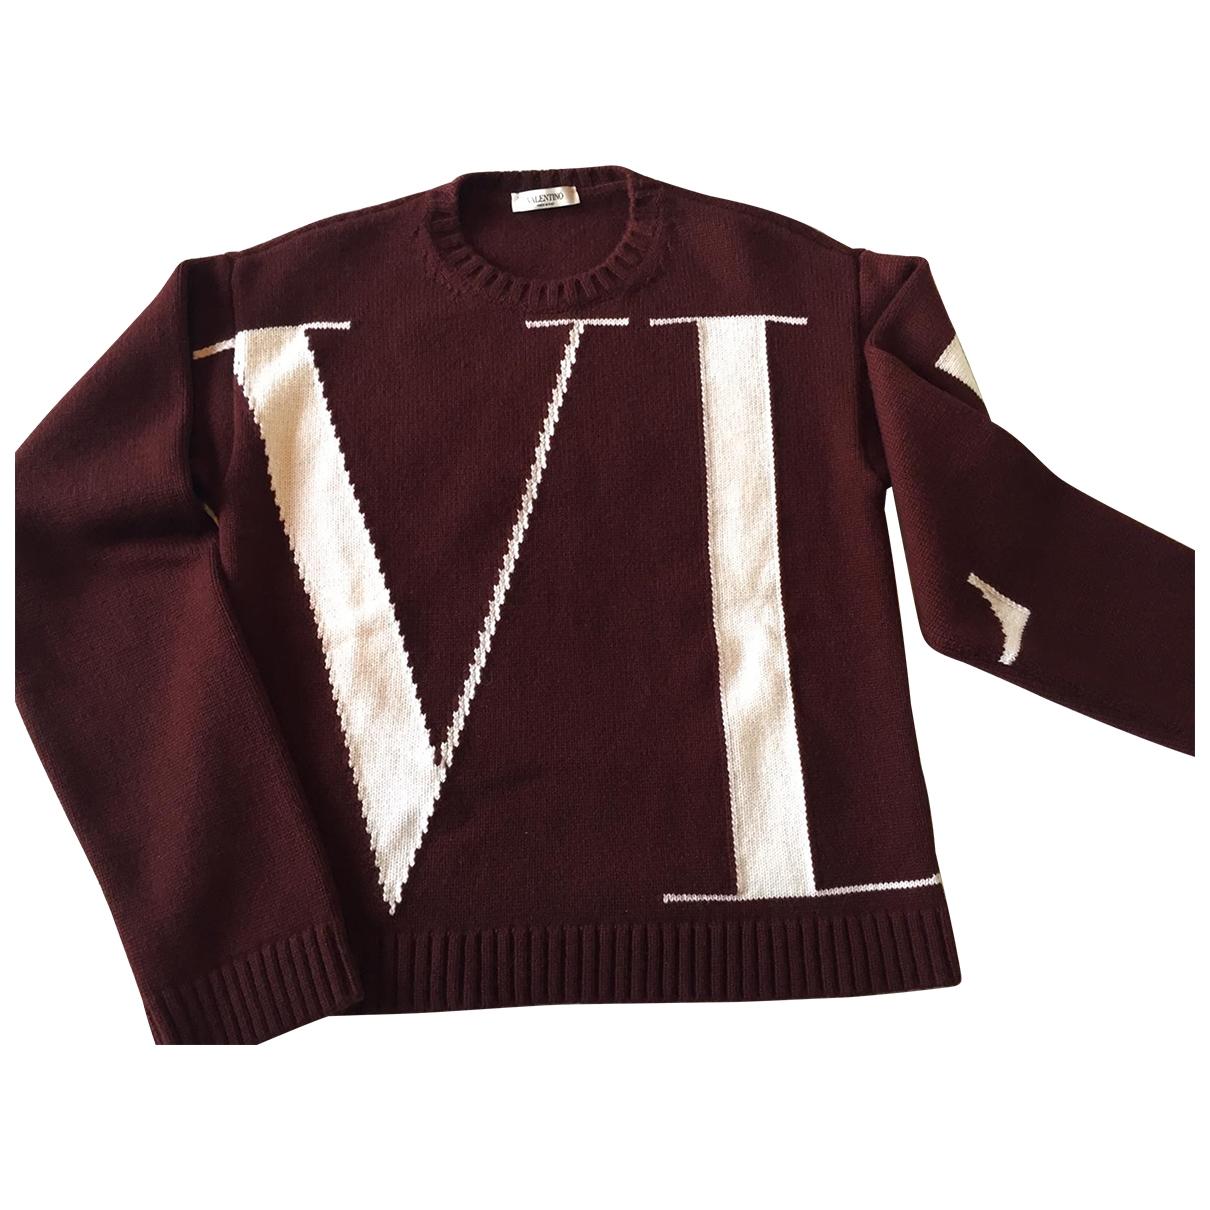 Valentino Garavani \N Burgundy Cashmere Knitwear & Sweatshirts for Men S International